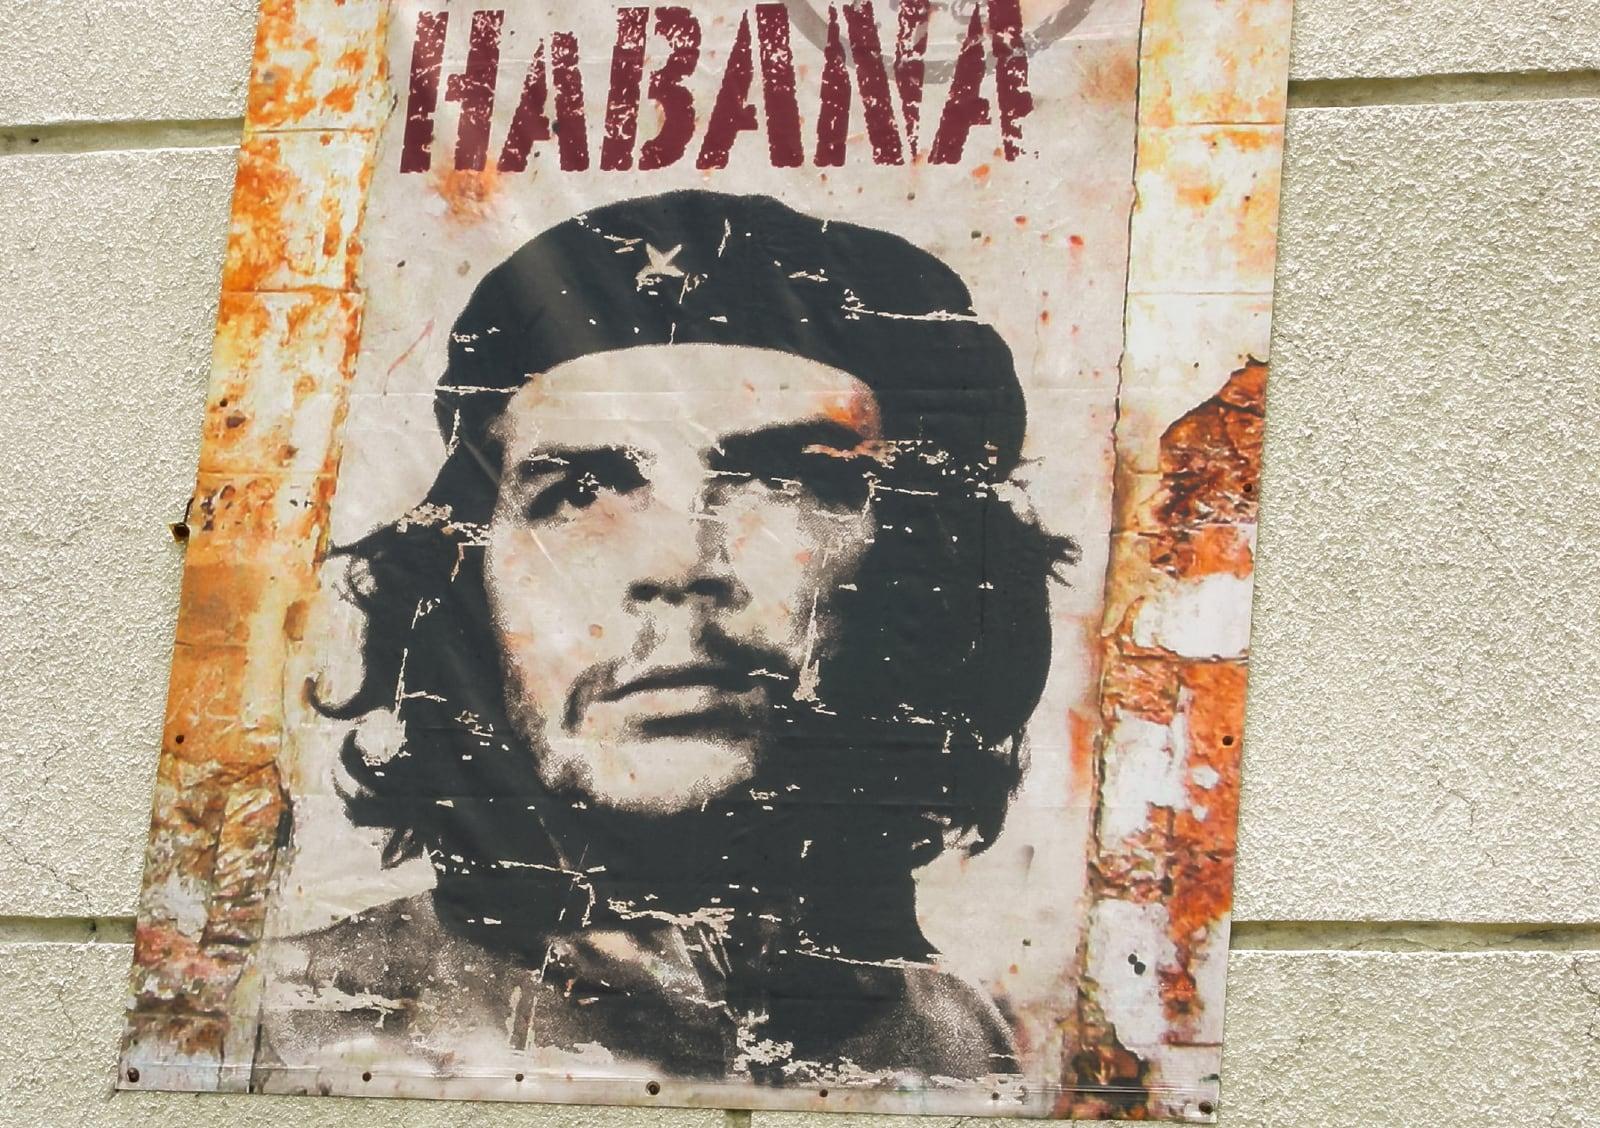 Che Guevara poster in Guadalajara